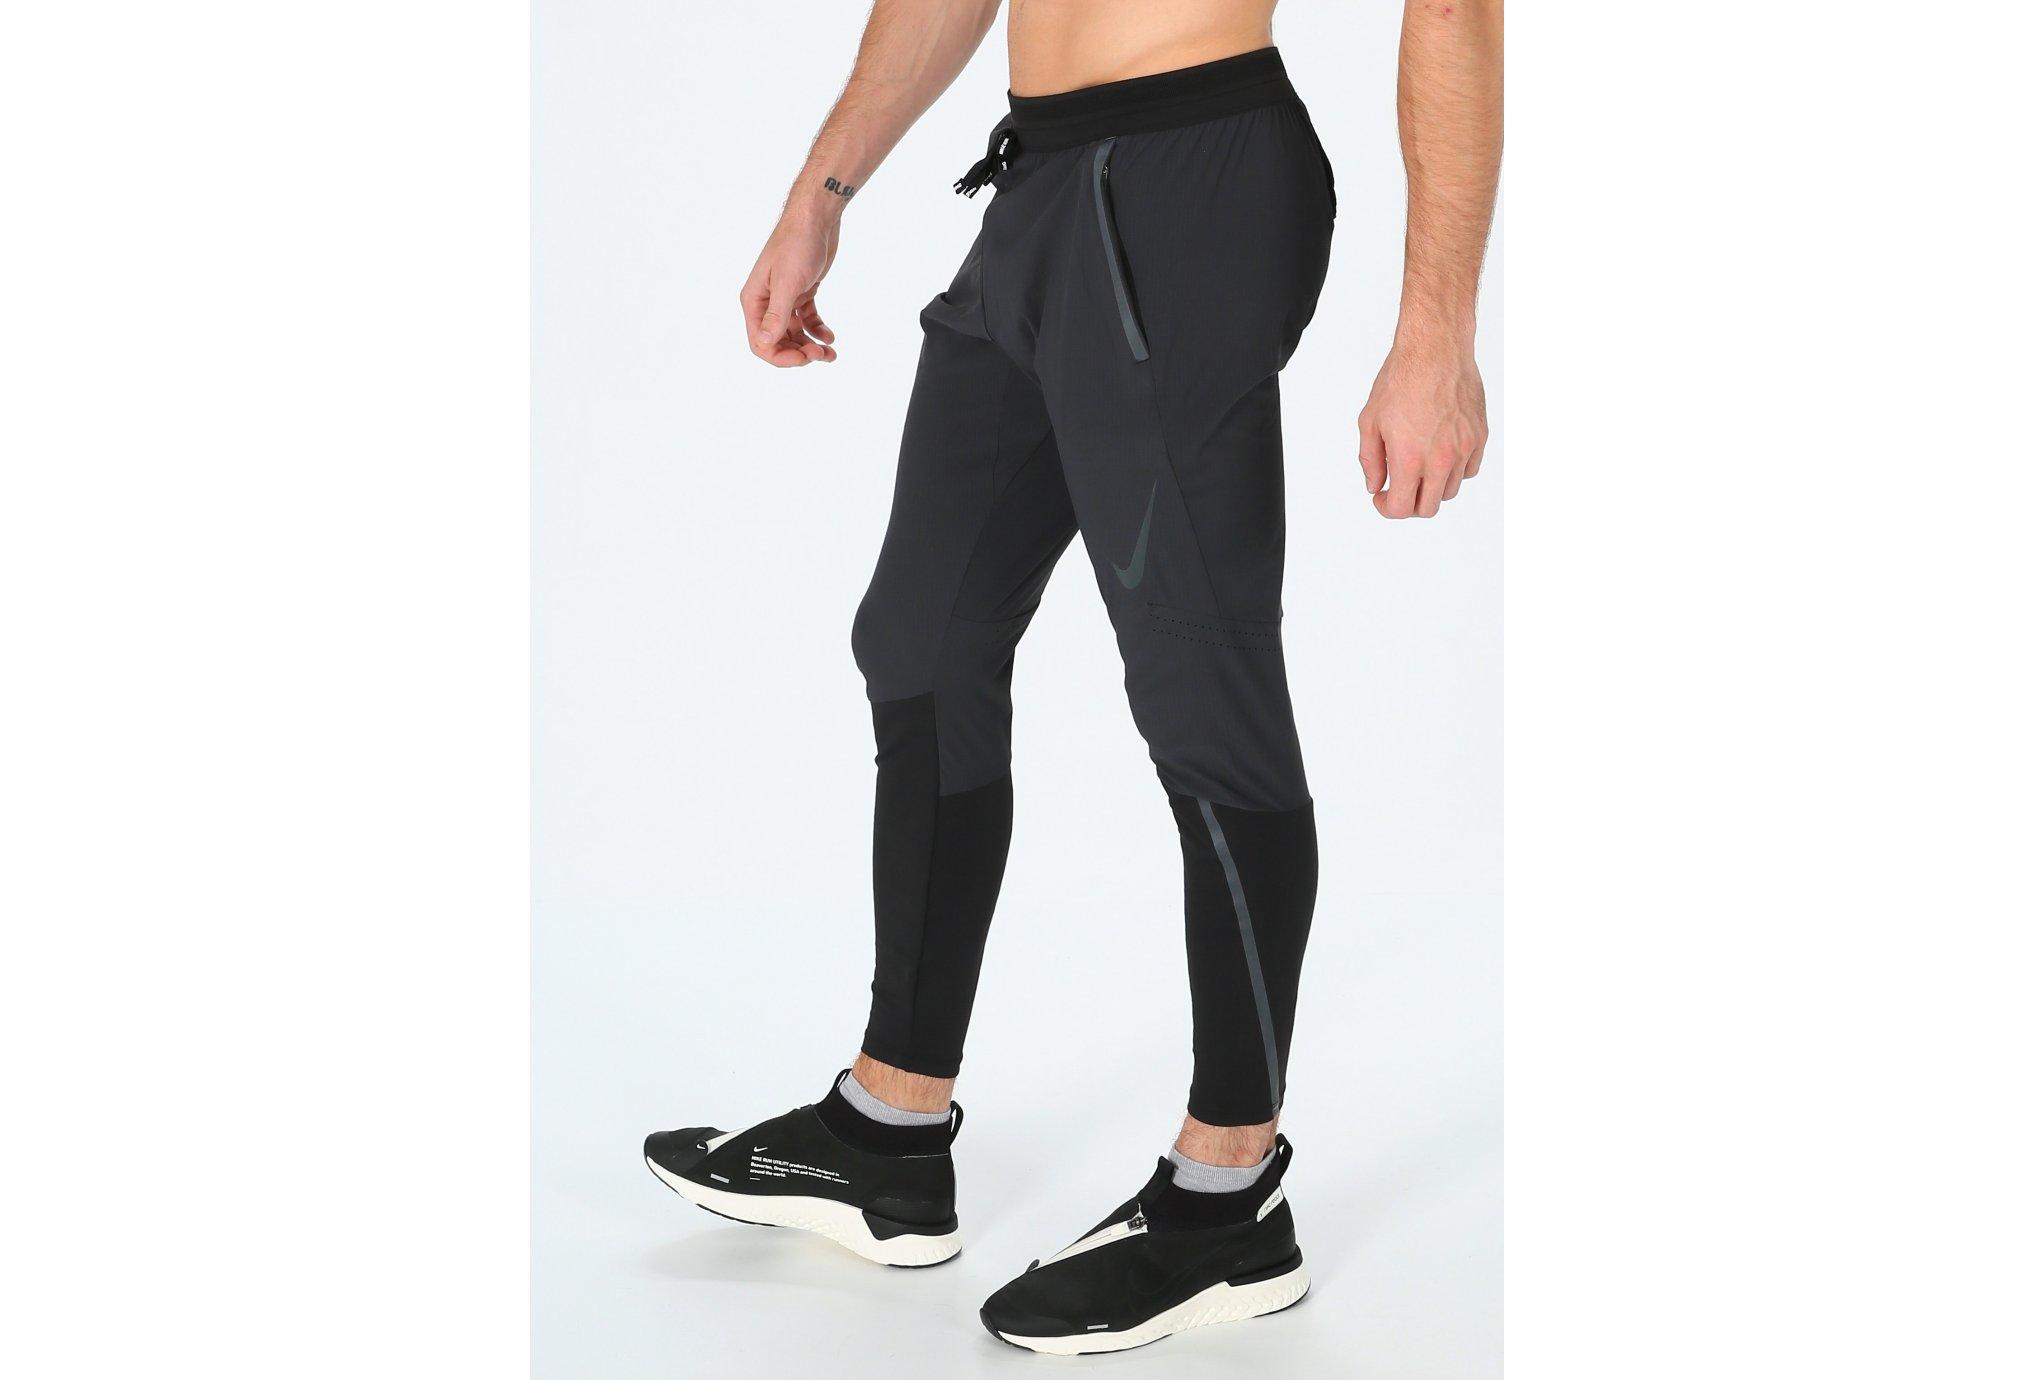 Nike Swift M vêtement running homme (Réf. BV4809 010)